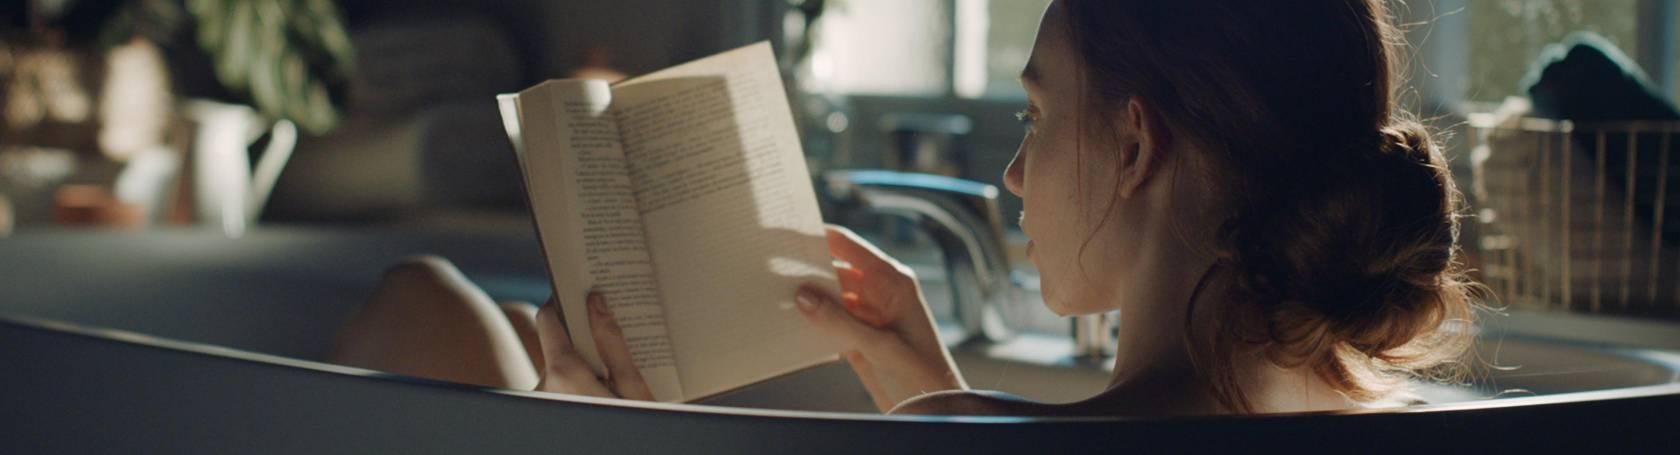 Mujer leyendo libro en bañera Roca